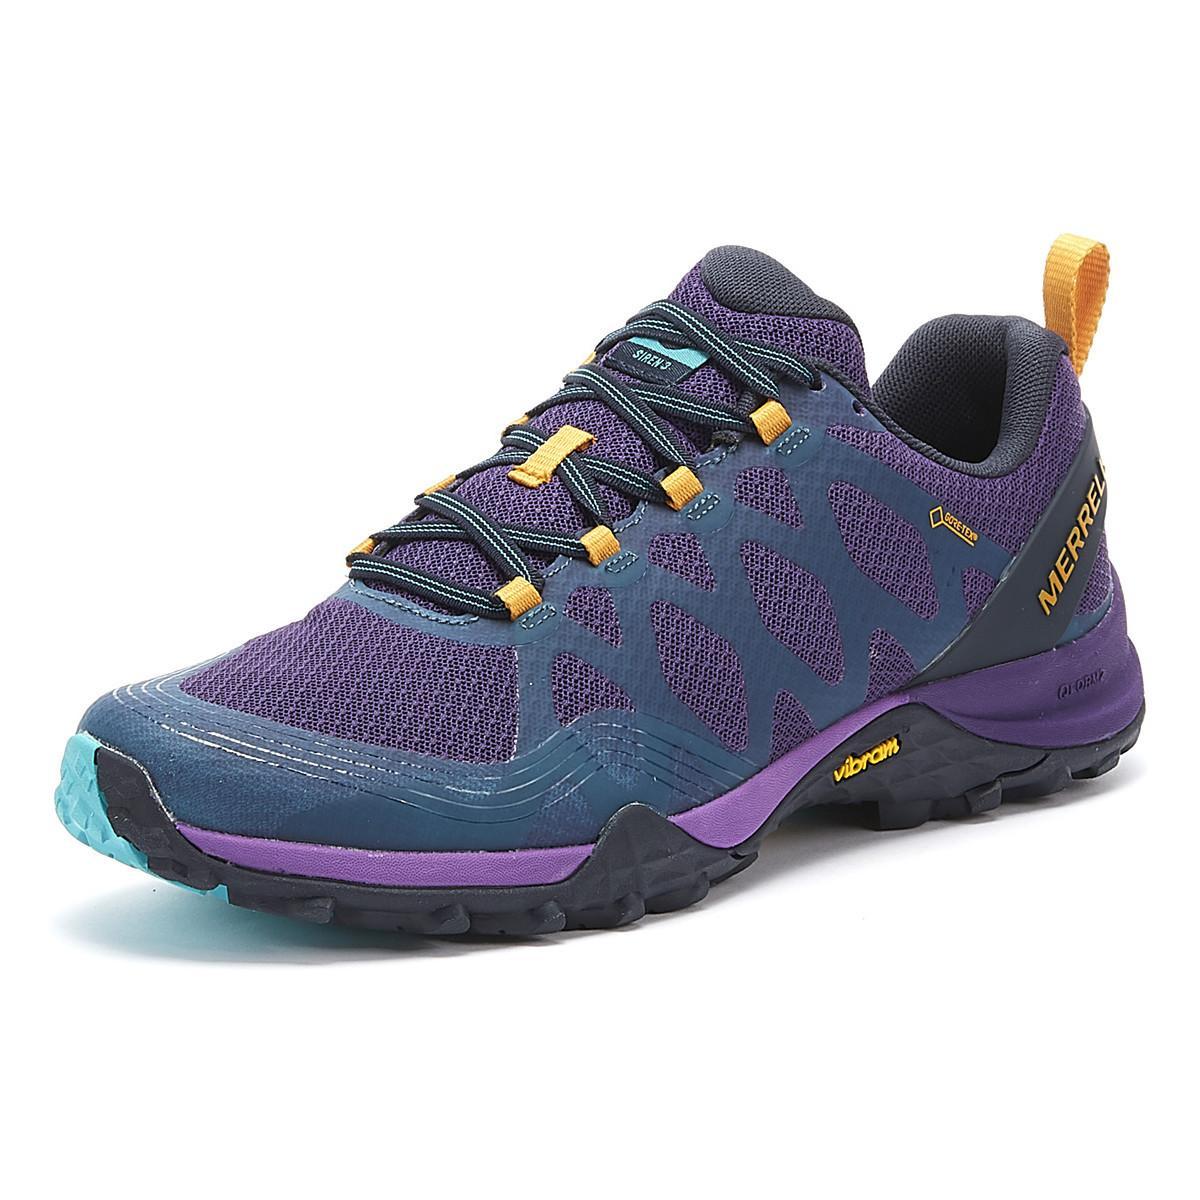 Siren 3 GORE-TEX Baskets Femmes Violet Chaussures Merrell en coloris Violet r9MV